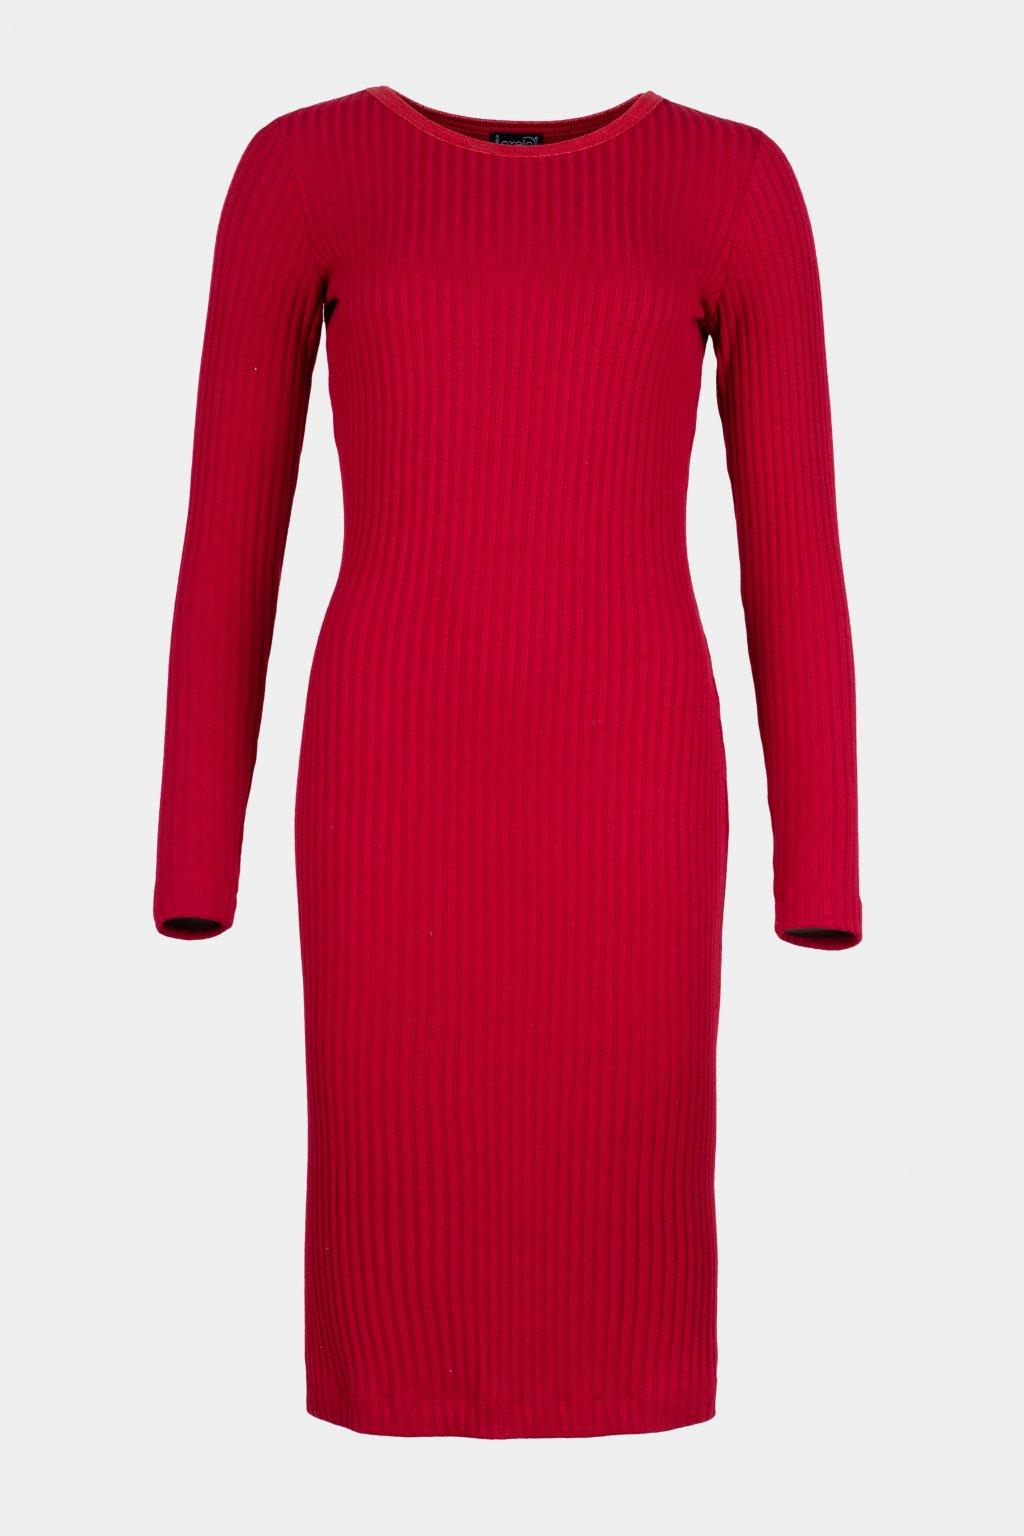 Šaty červené  27118